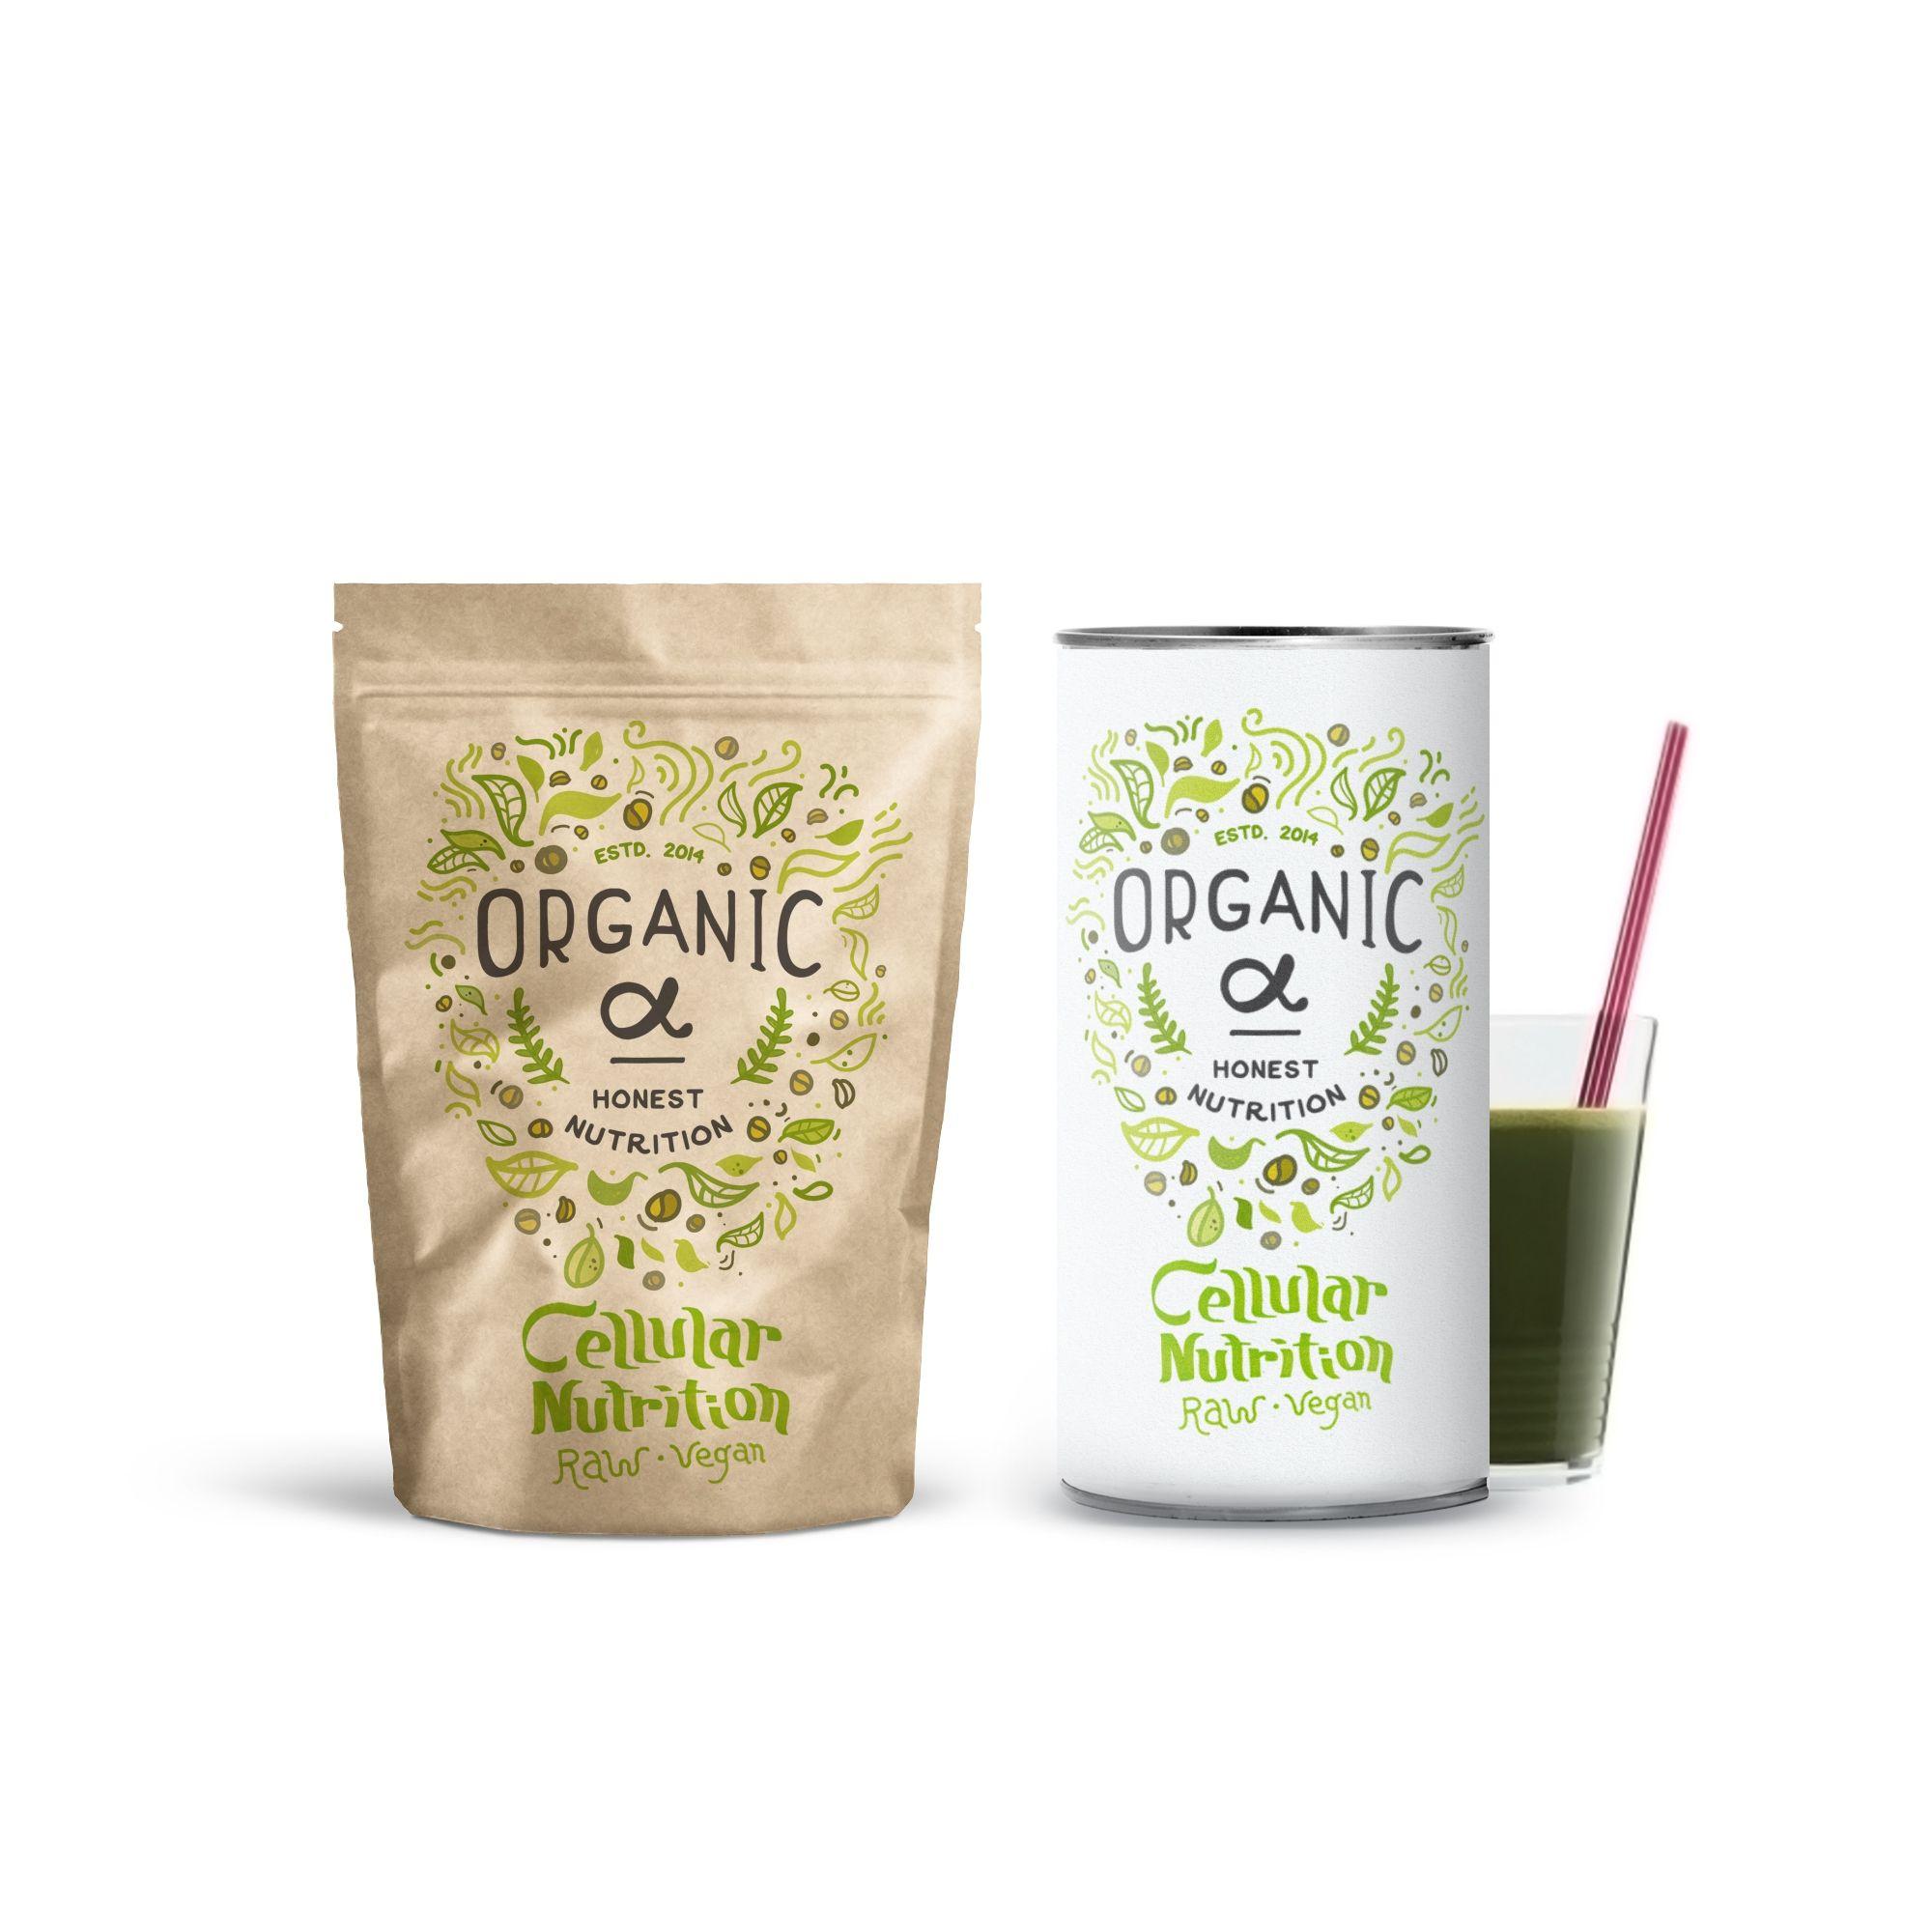 Design packaging packaging specialist packaging - Design 70 By Martis Lupus Packaging Design For A Green Herbal Protein Shake